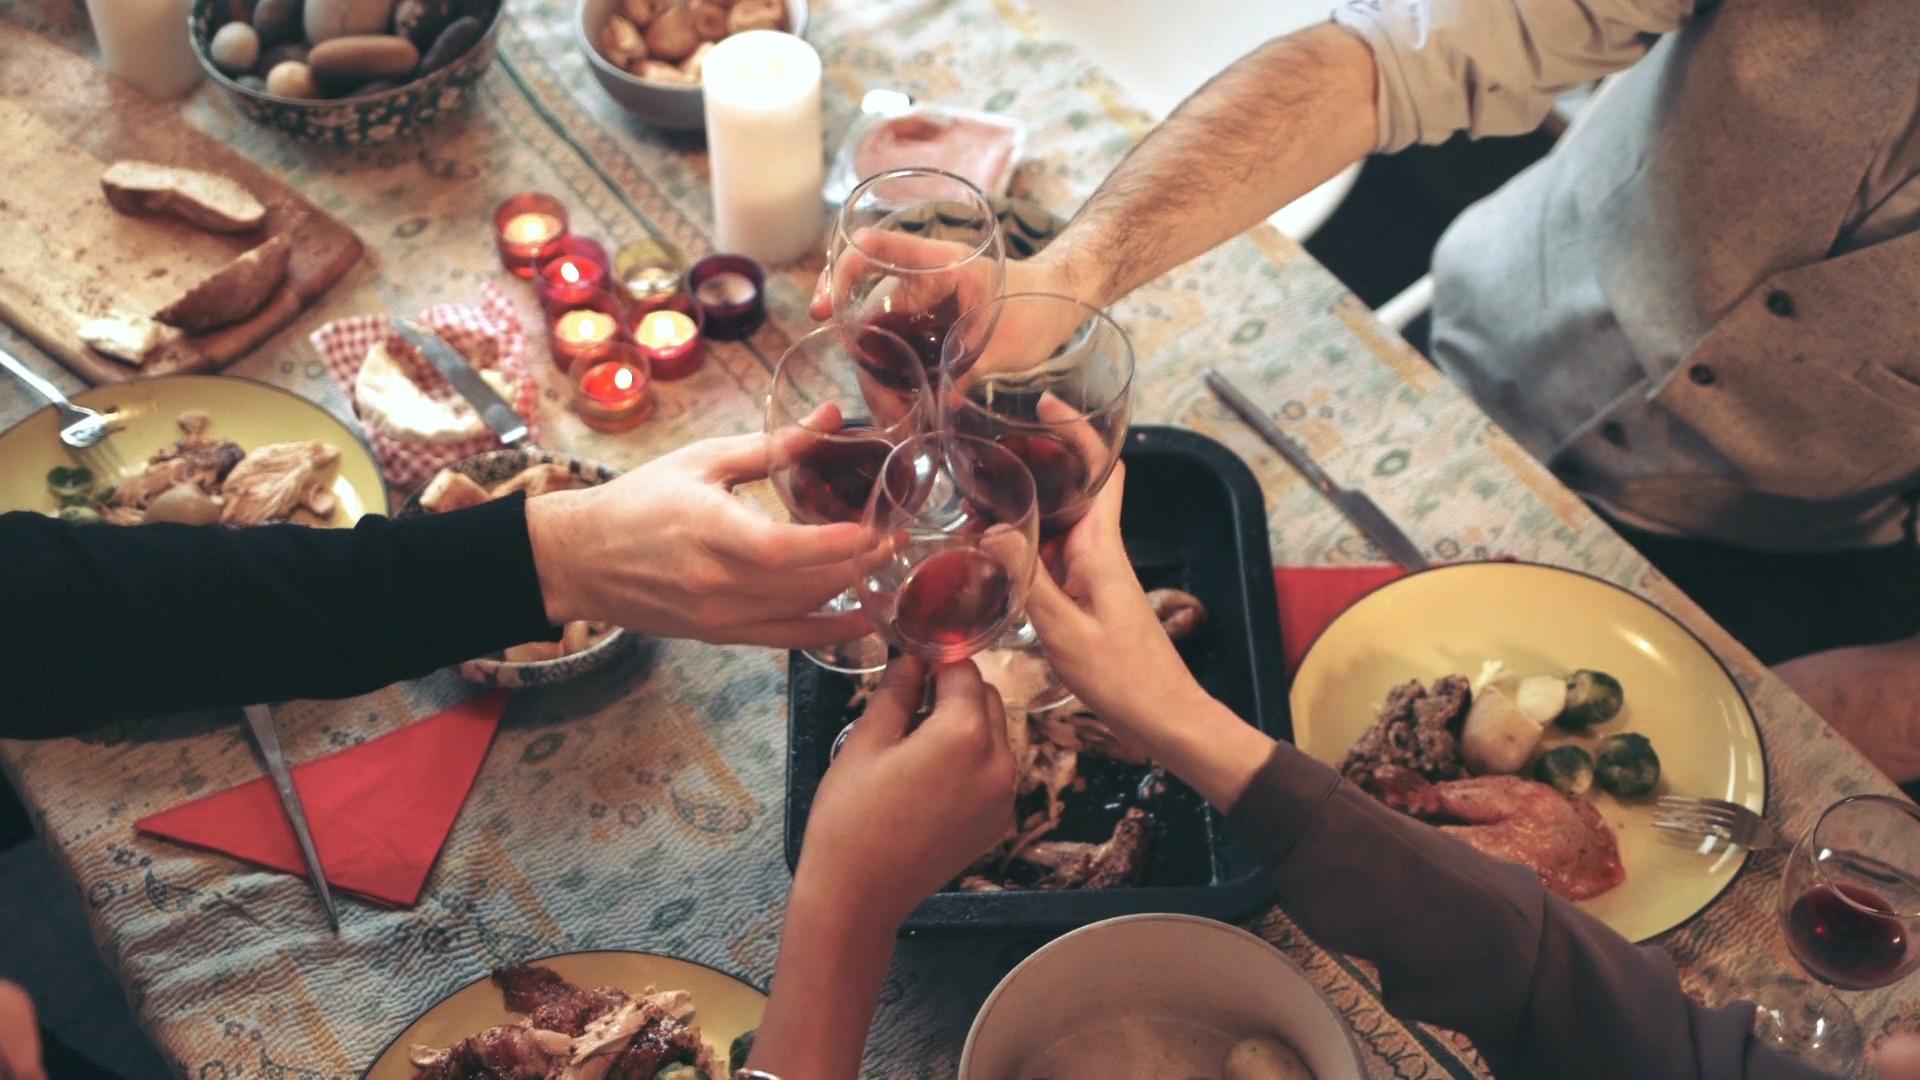 Alkohole, których należy unikać podczas świąt